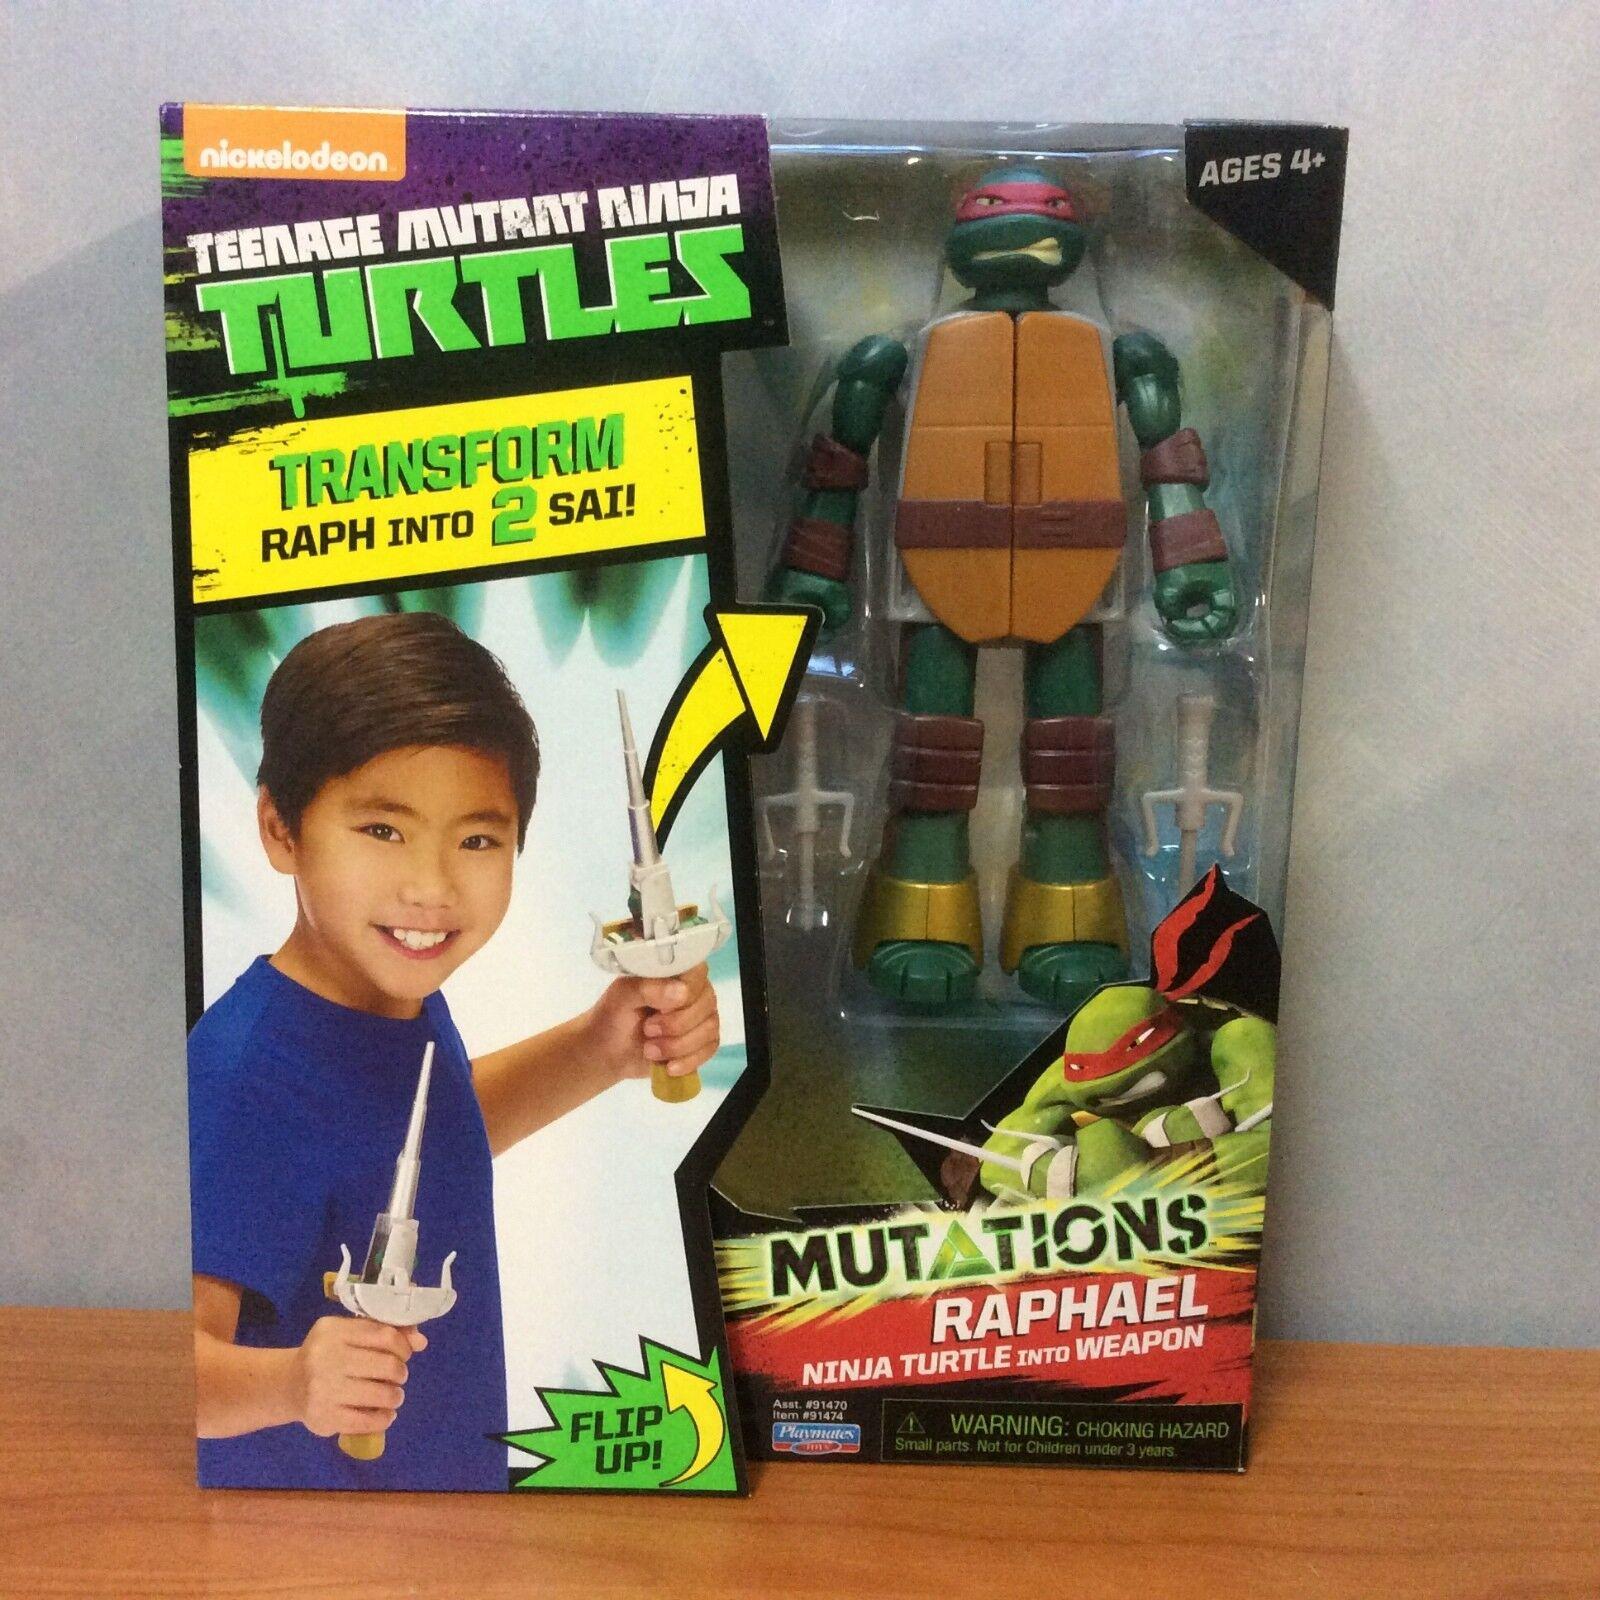 2015 Teenage Mutant Ninja Turtles Mutations - Raphael - Brand New